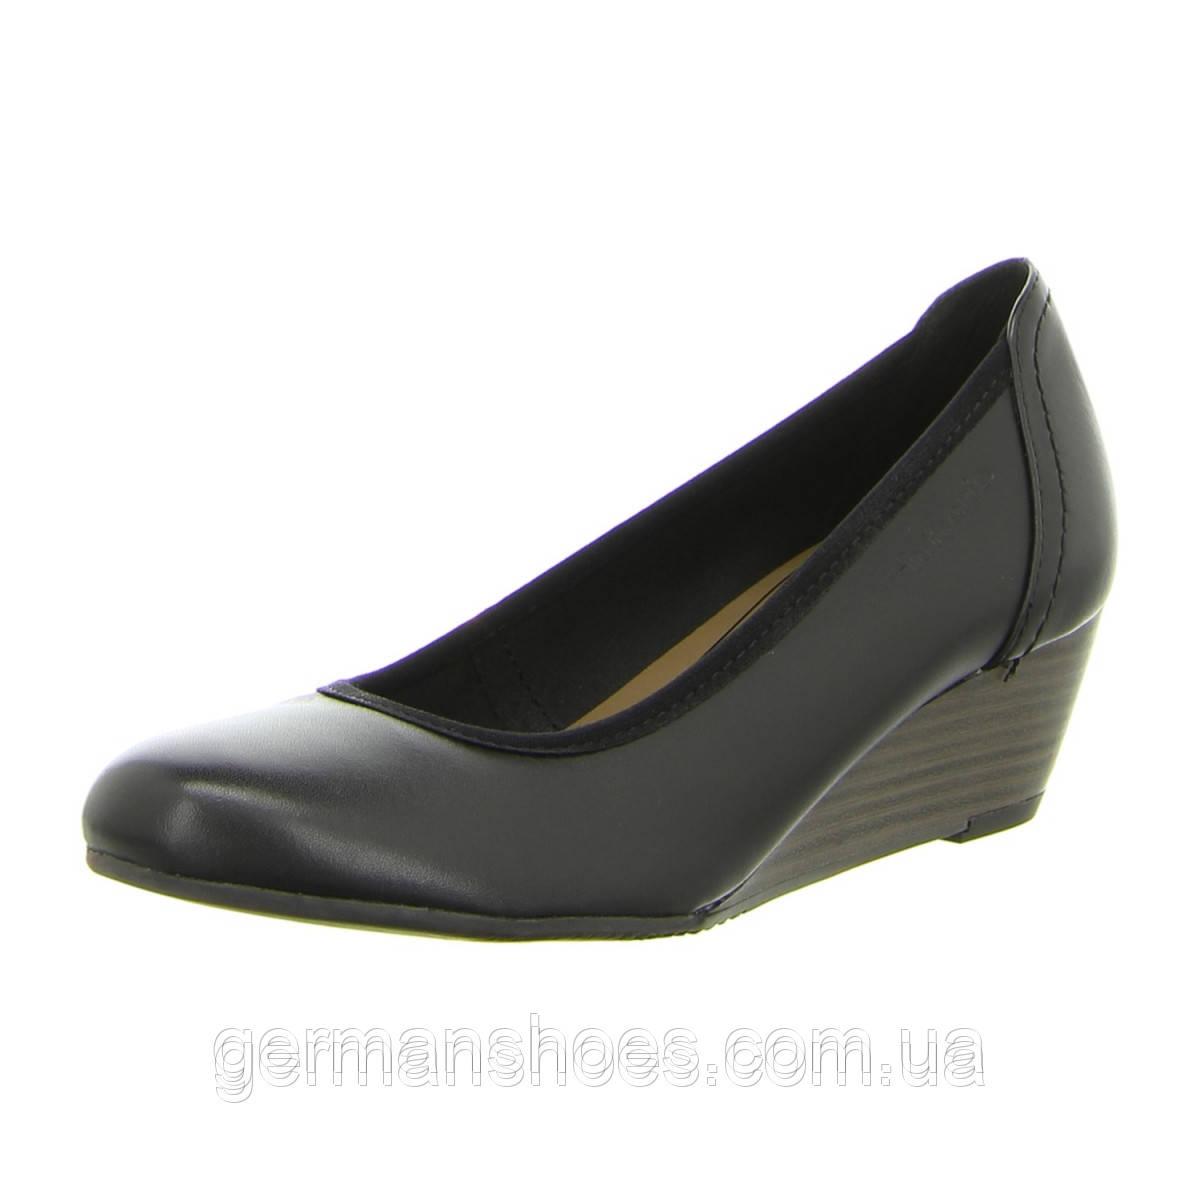 e23e89db1194 Туфли женские Tamaris 22320 20-001 - купить в Харькове,